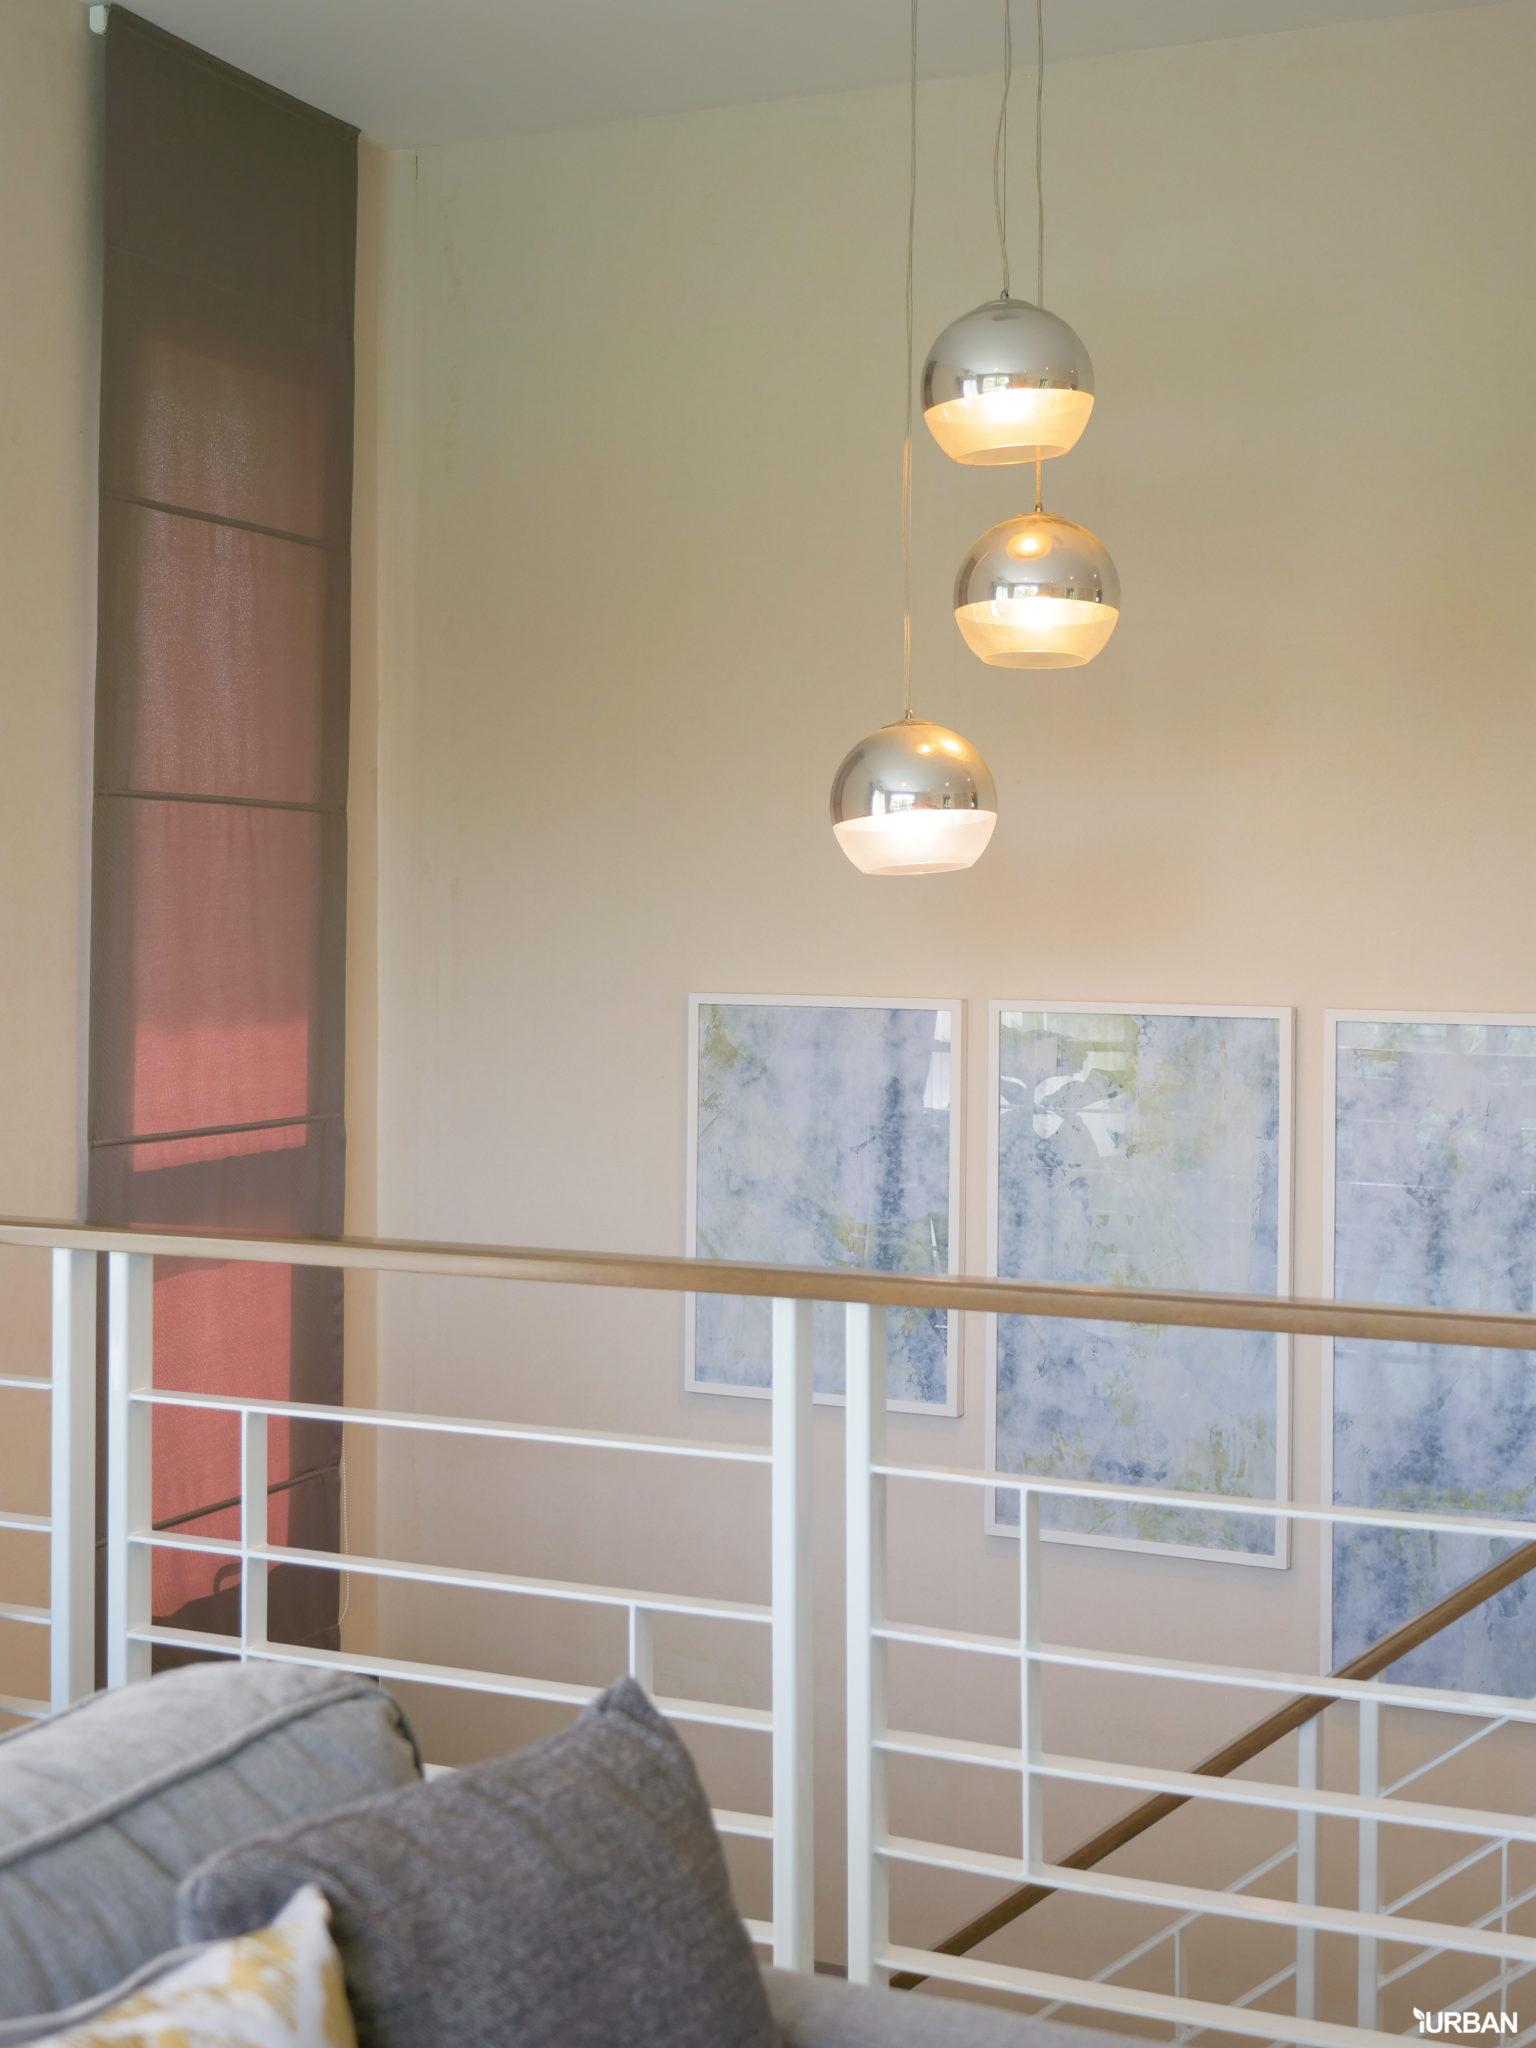 """รีวิว """"ฮาบิเทีย พาร์ค เทียนทะเล 28"""" ที่ดิน 100 ตร.ว. ทำเลพระราม 2 จากแสนสิริ 208 - 4 Bedrooms"""